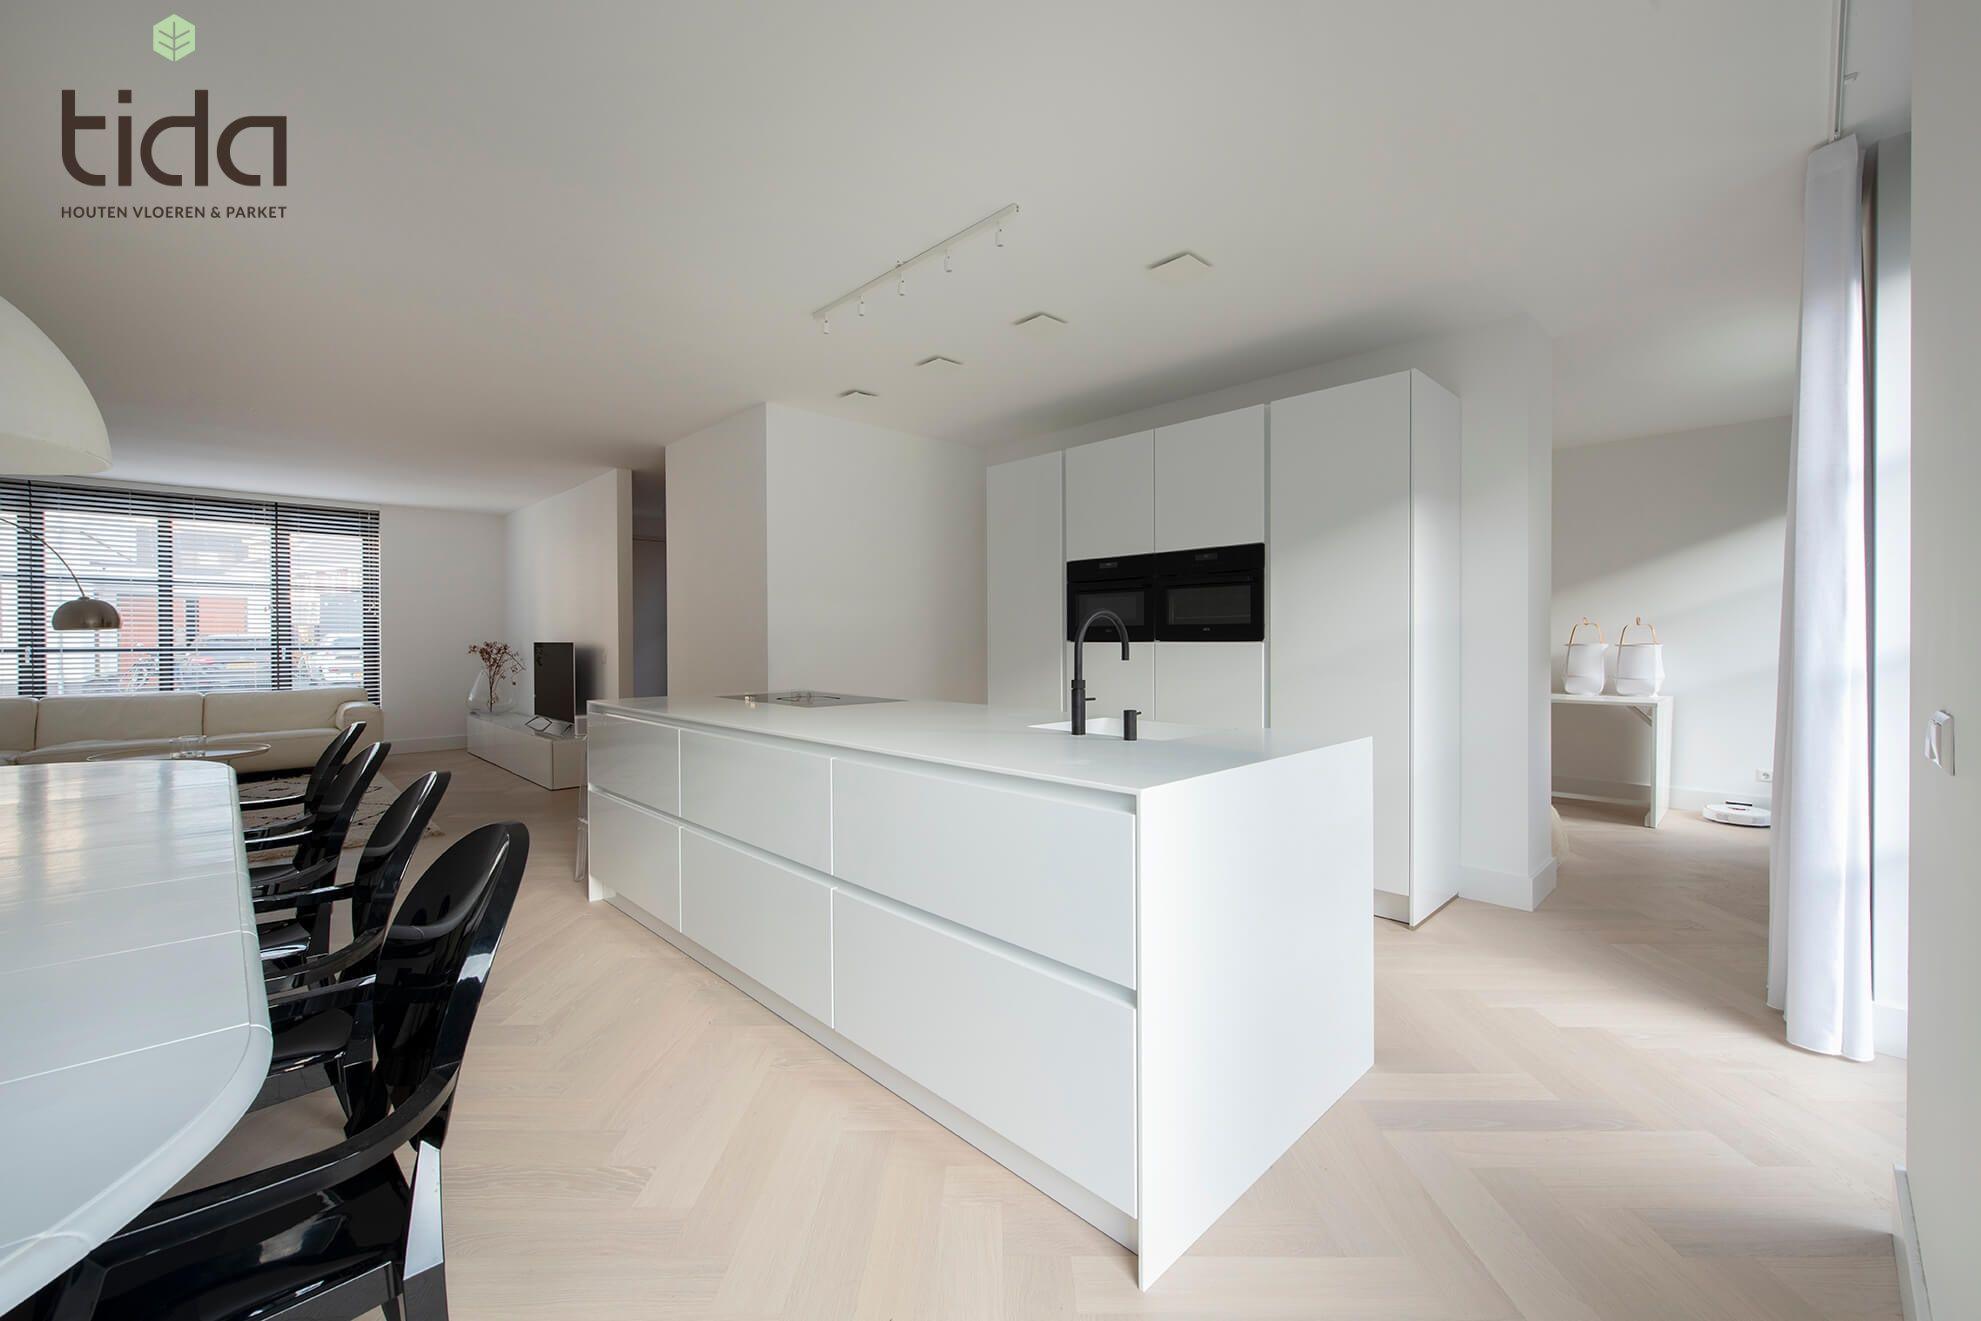 Witte Visgraatvloer Bauwerk Farina Tida Parket Tilburg Keuken Ontwerpen Keuken Ontwerp Keuken Ideeen Appartement